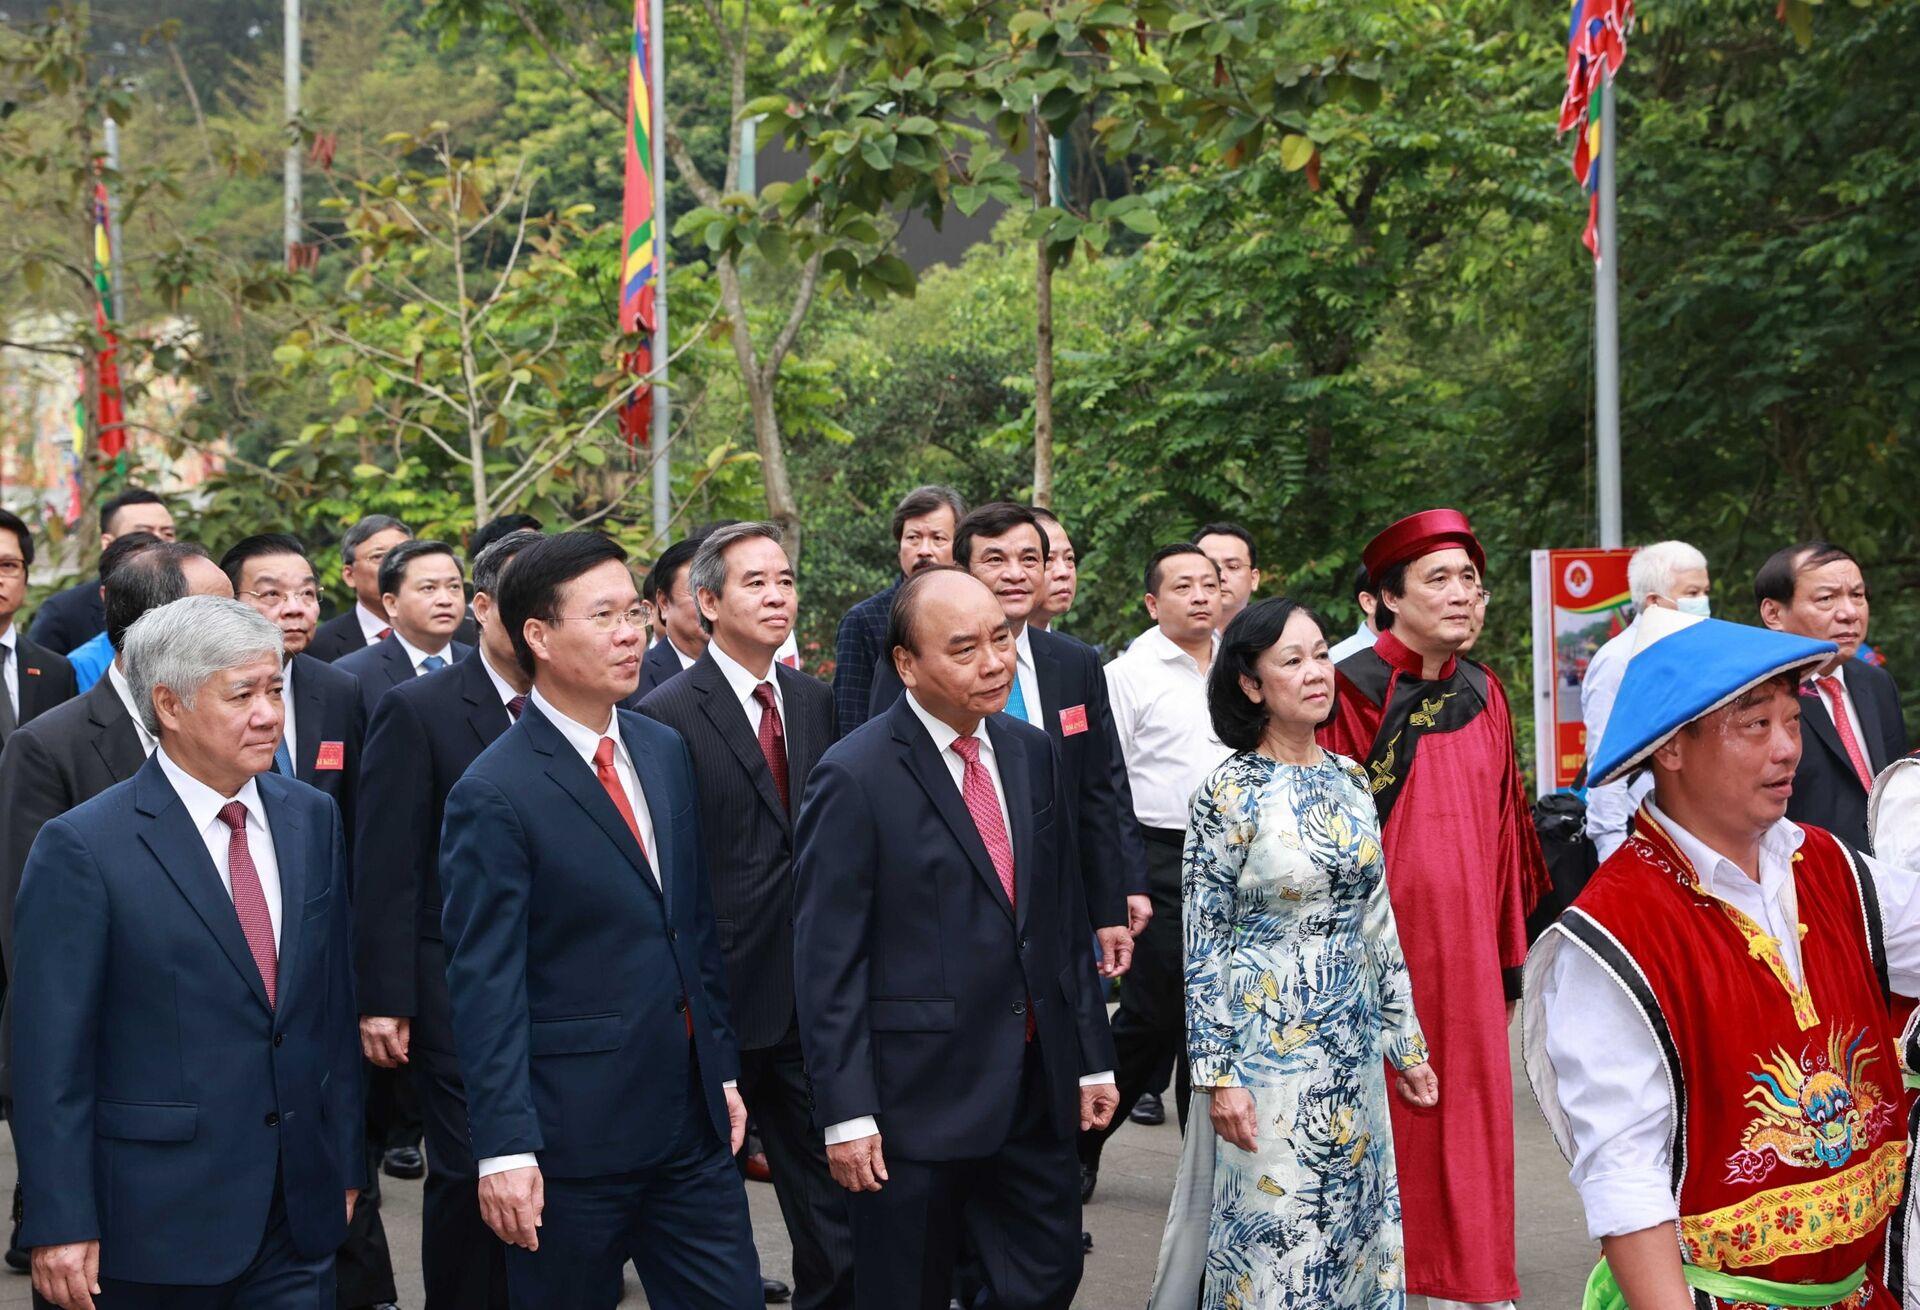 Chủ tịch nước dâng hương Đền Hùng: Cầu quốc thái dân an, xã tắc thịnh vượng - Sputnik Việt Nam, 1920, 21.04.2021